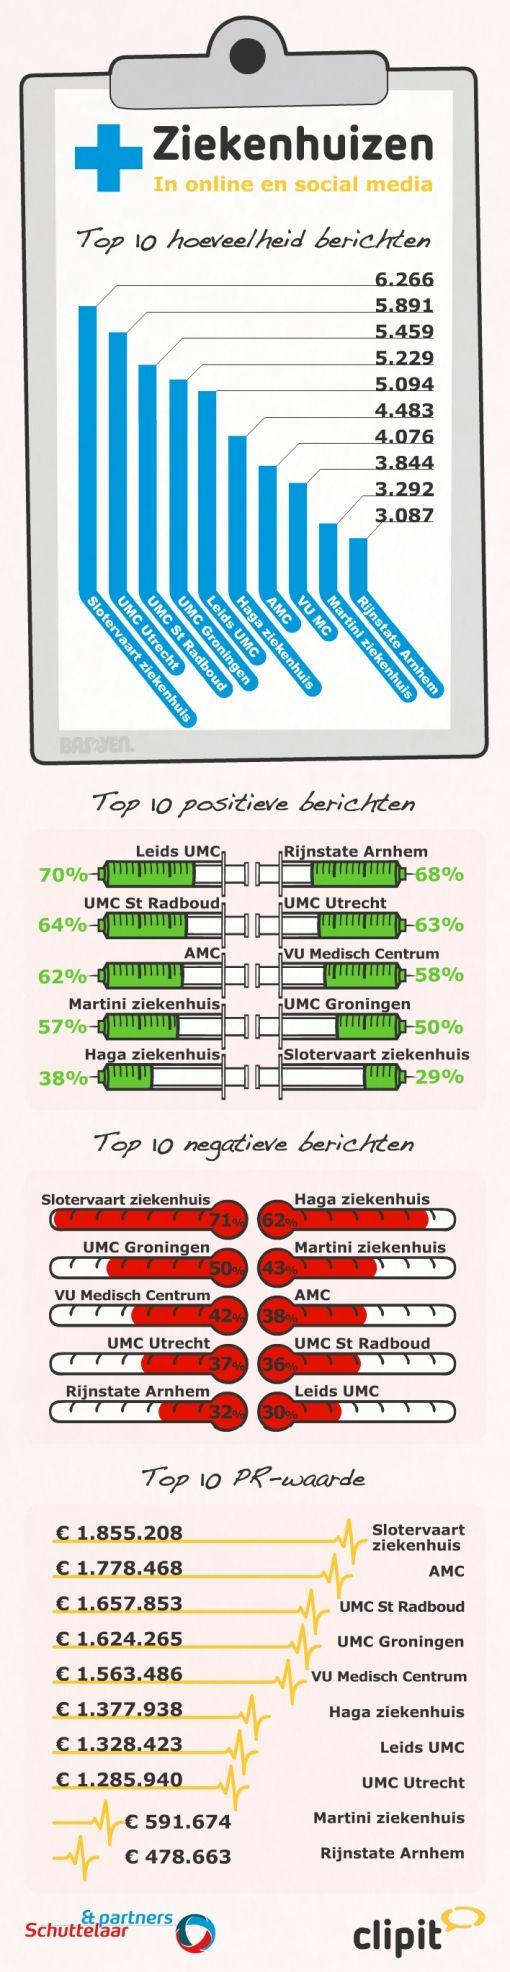 Infographic ziekenhuizen 2013